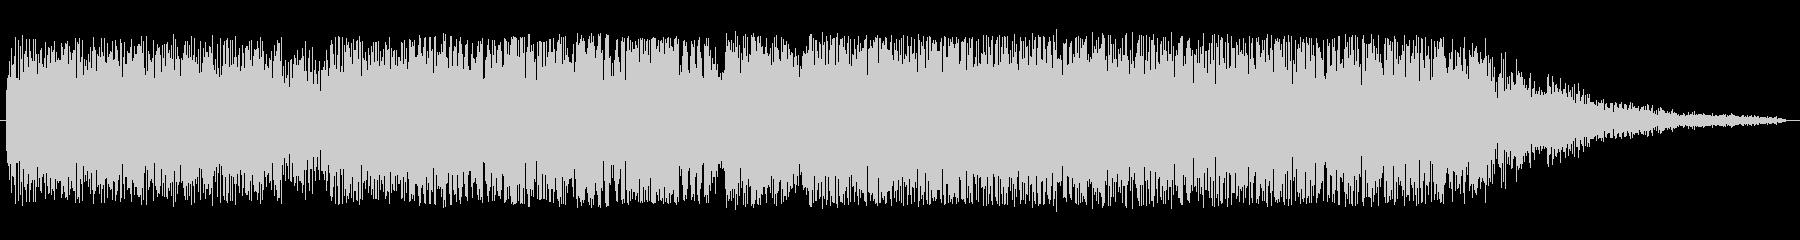 シンセサイザーのオープニング曲の未再生の波形